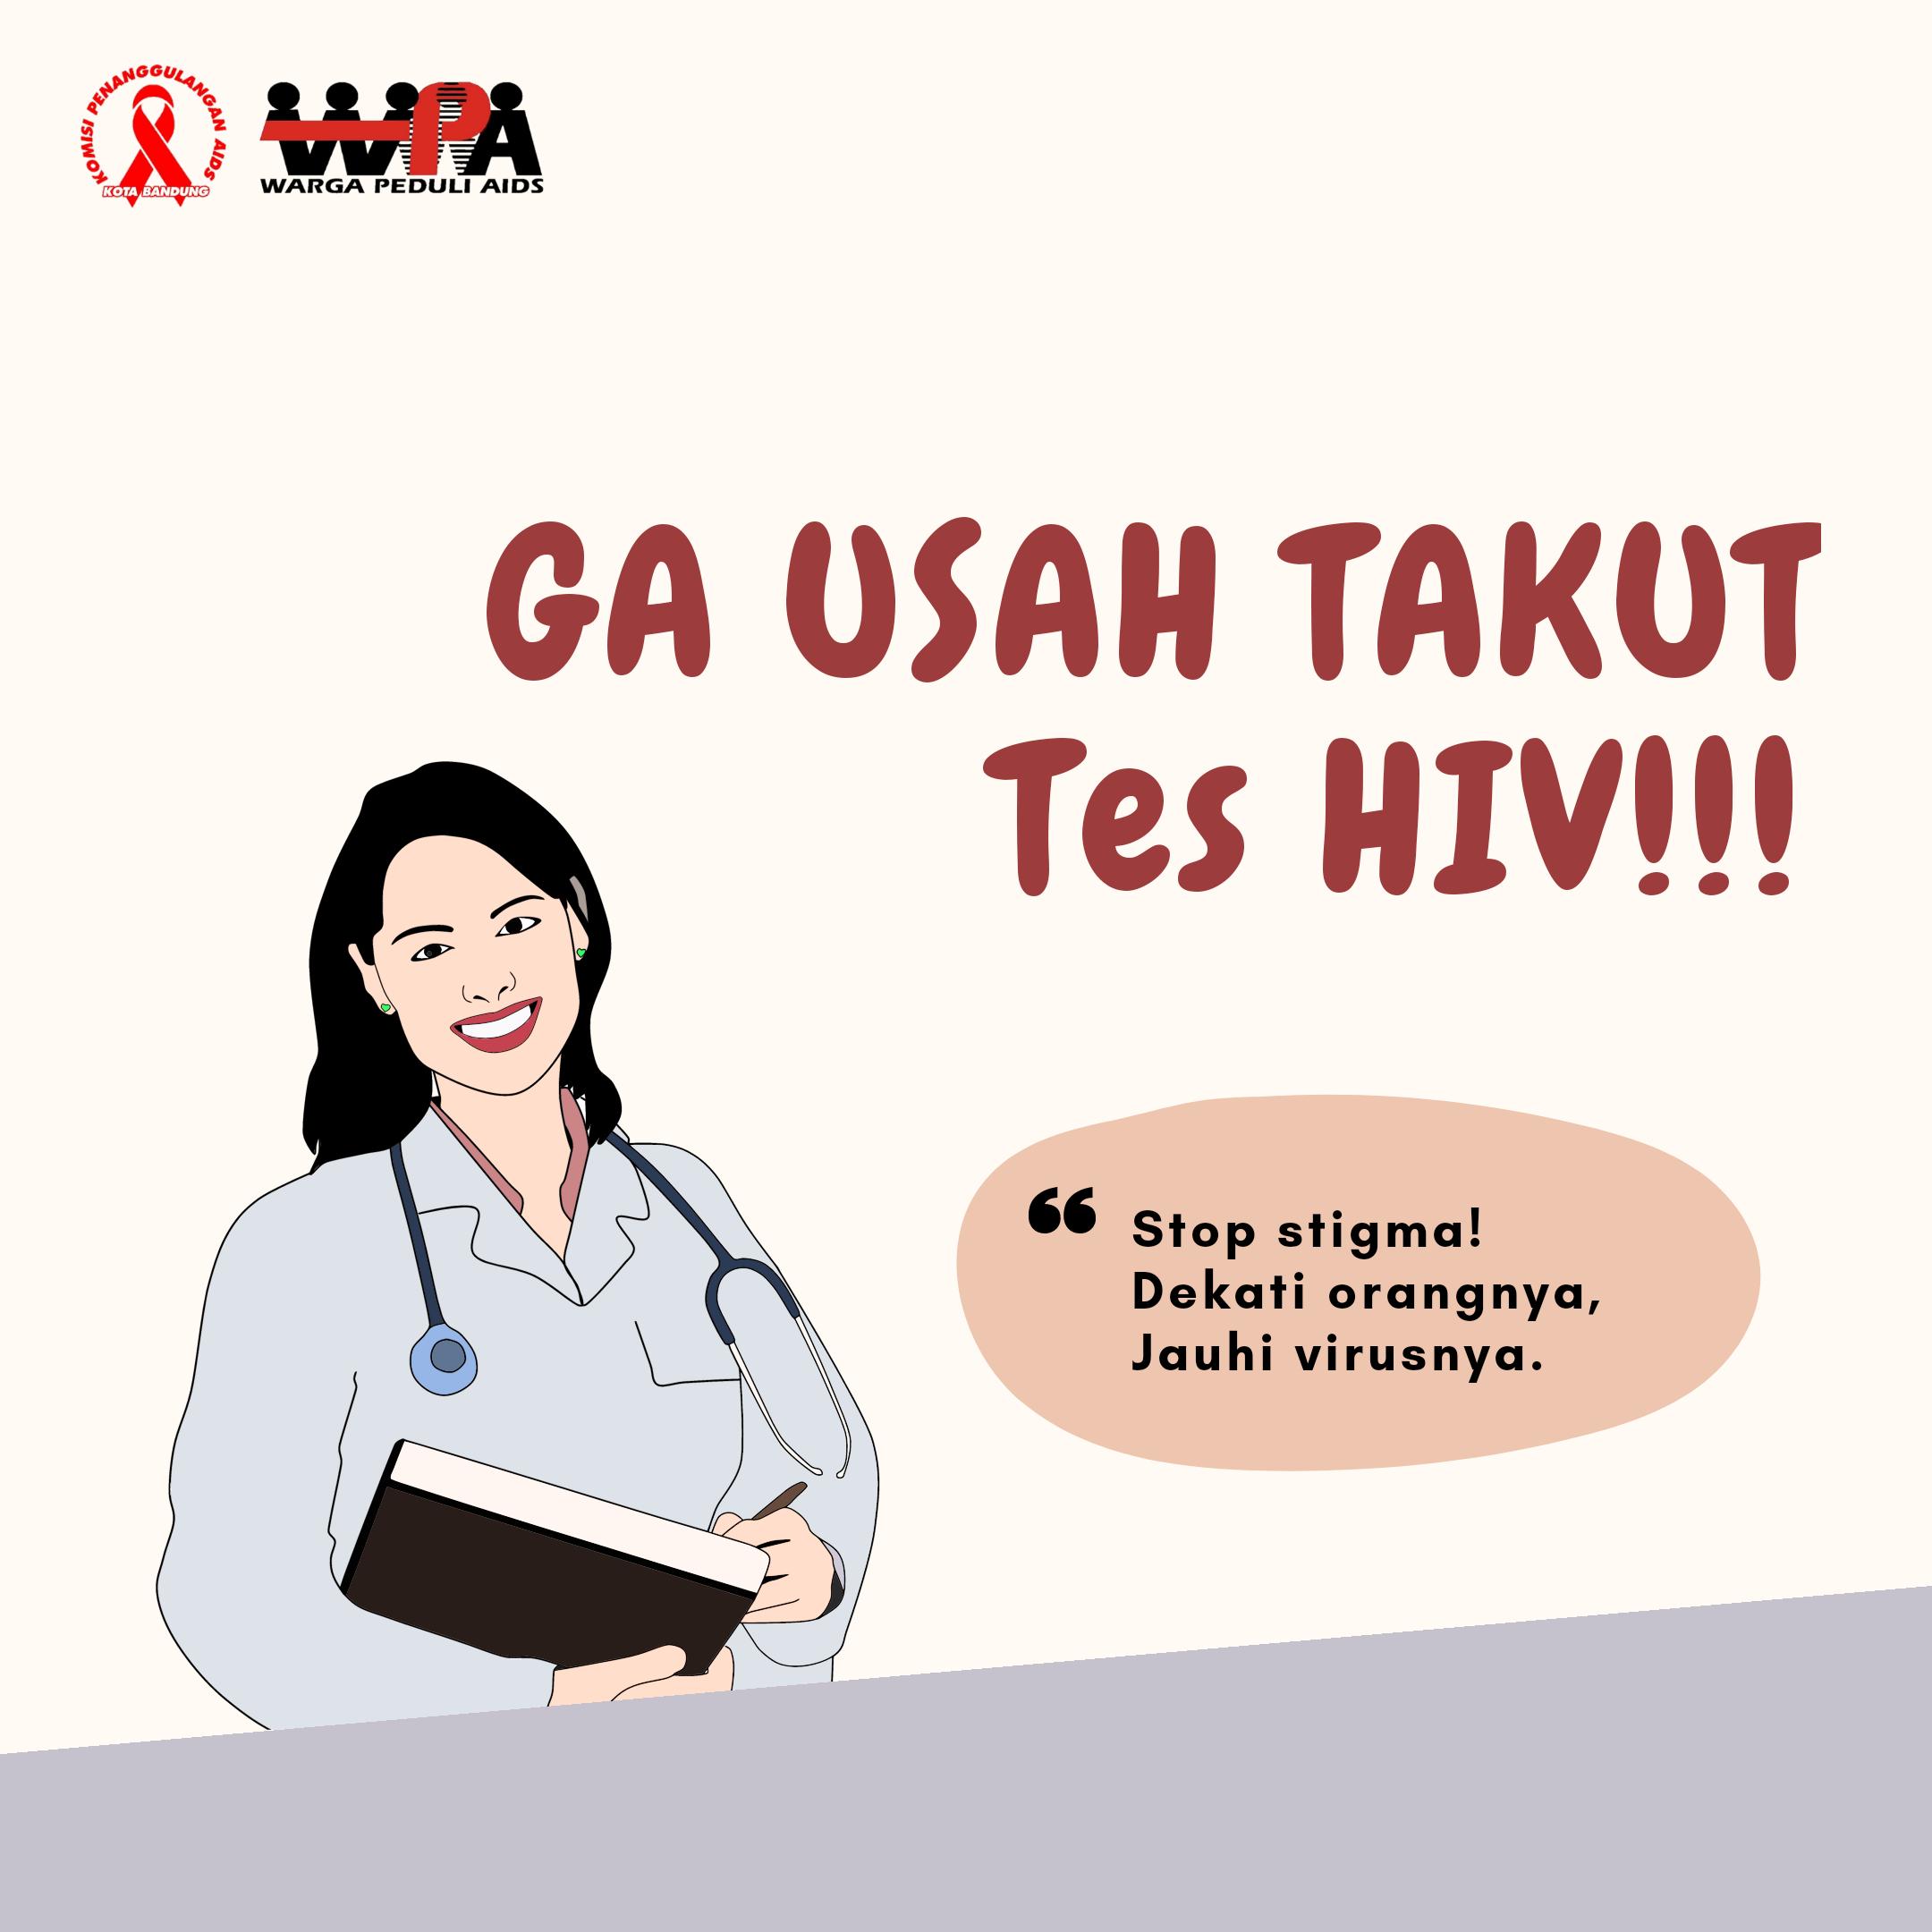 Ga Usah Takut Tes HIV!!! Ini Alasannya…